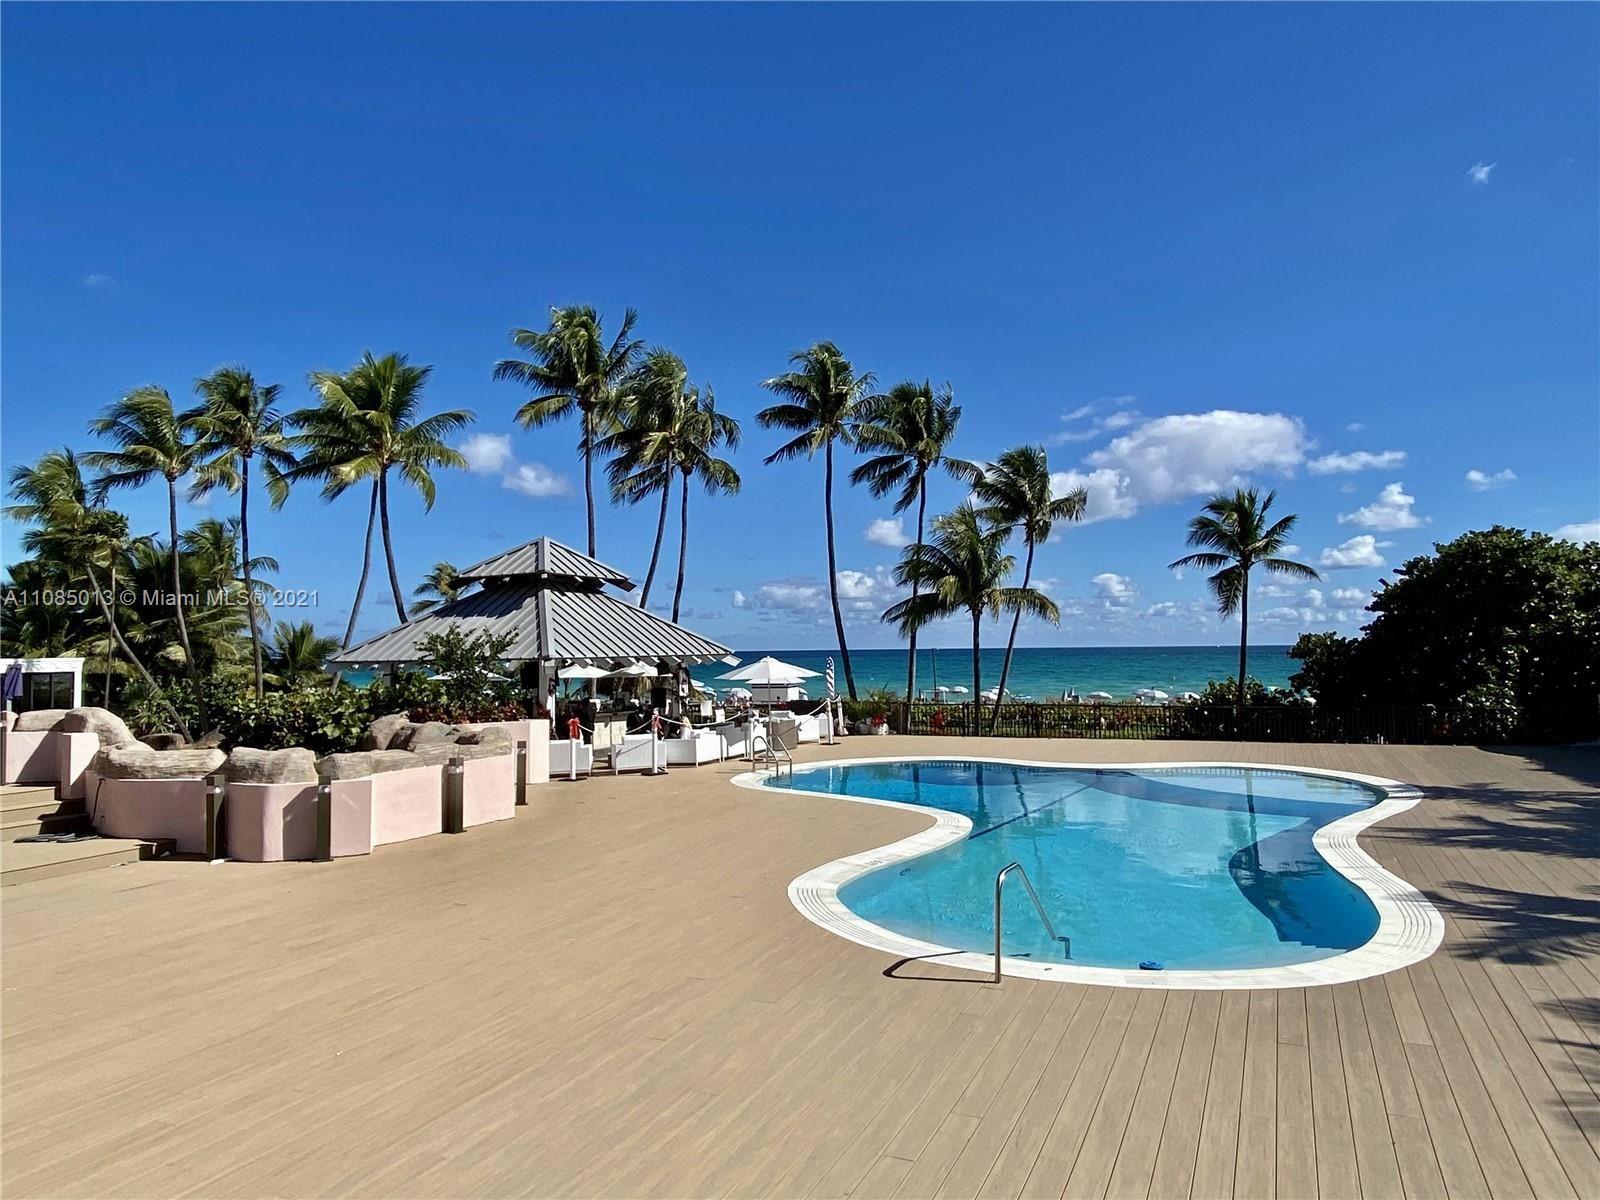 5225 Collins Ave #407, Miami Beach, FL 33140 - #: A11085013